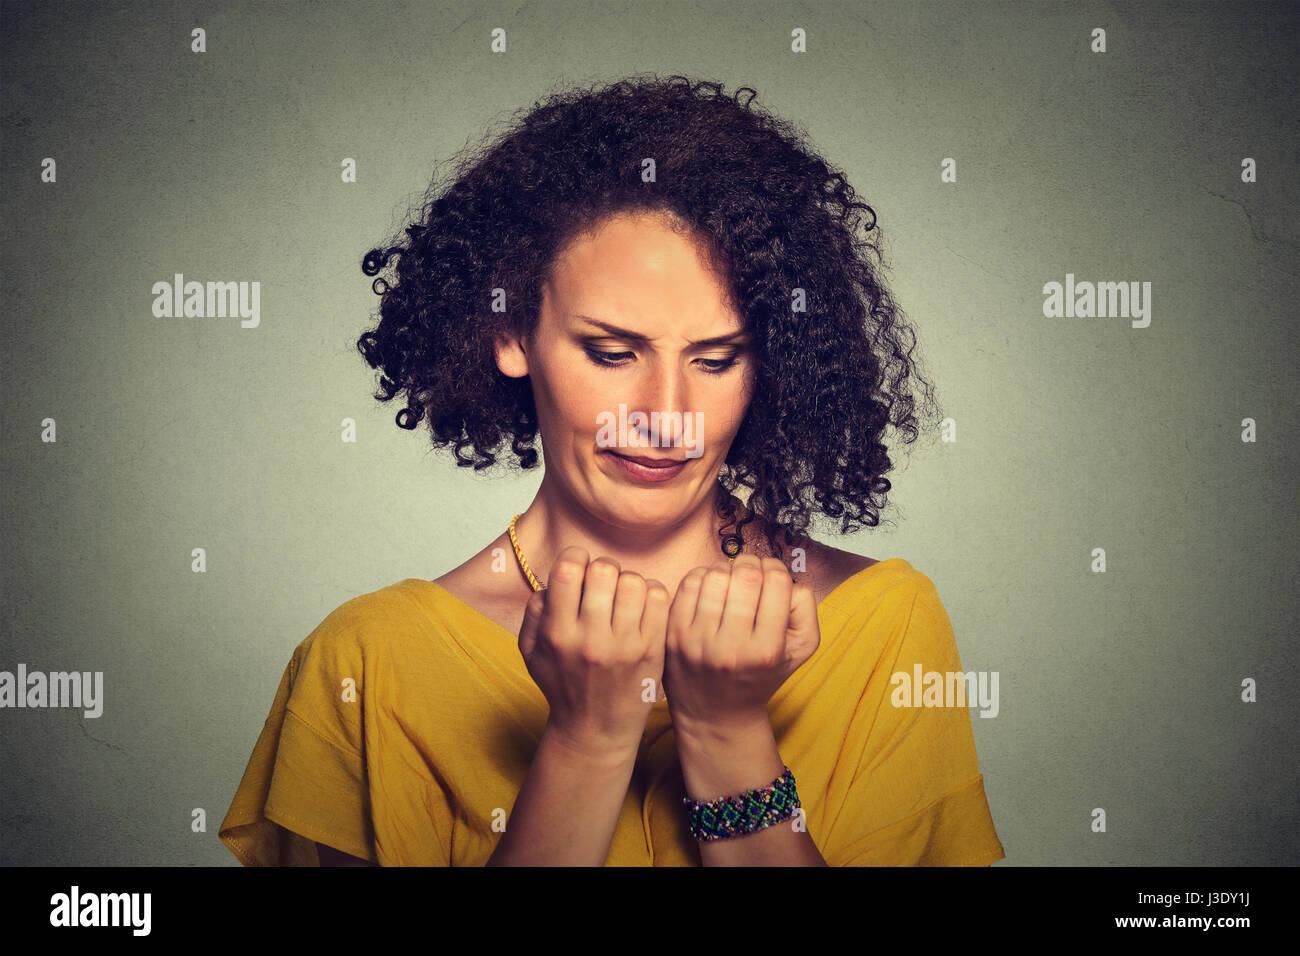 Closeup portrait worried woman à mains à l'obsession de la propreté des ongles des doigts isolé Photo Stock